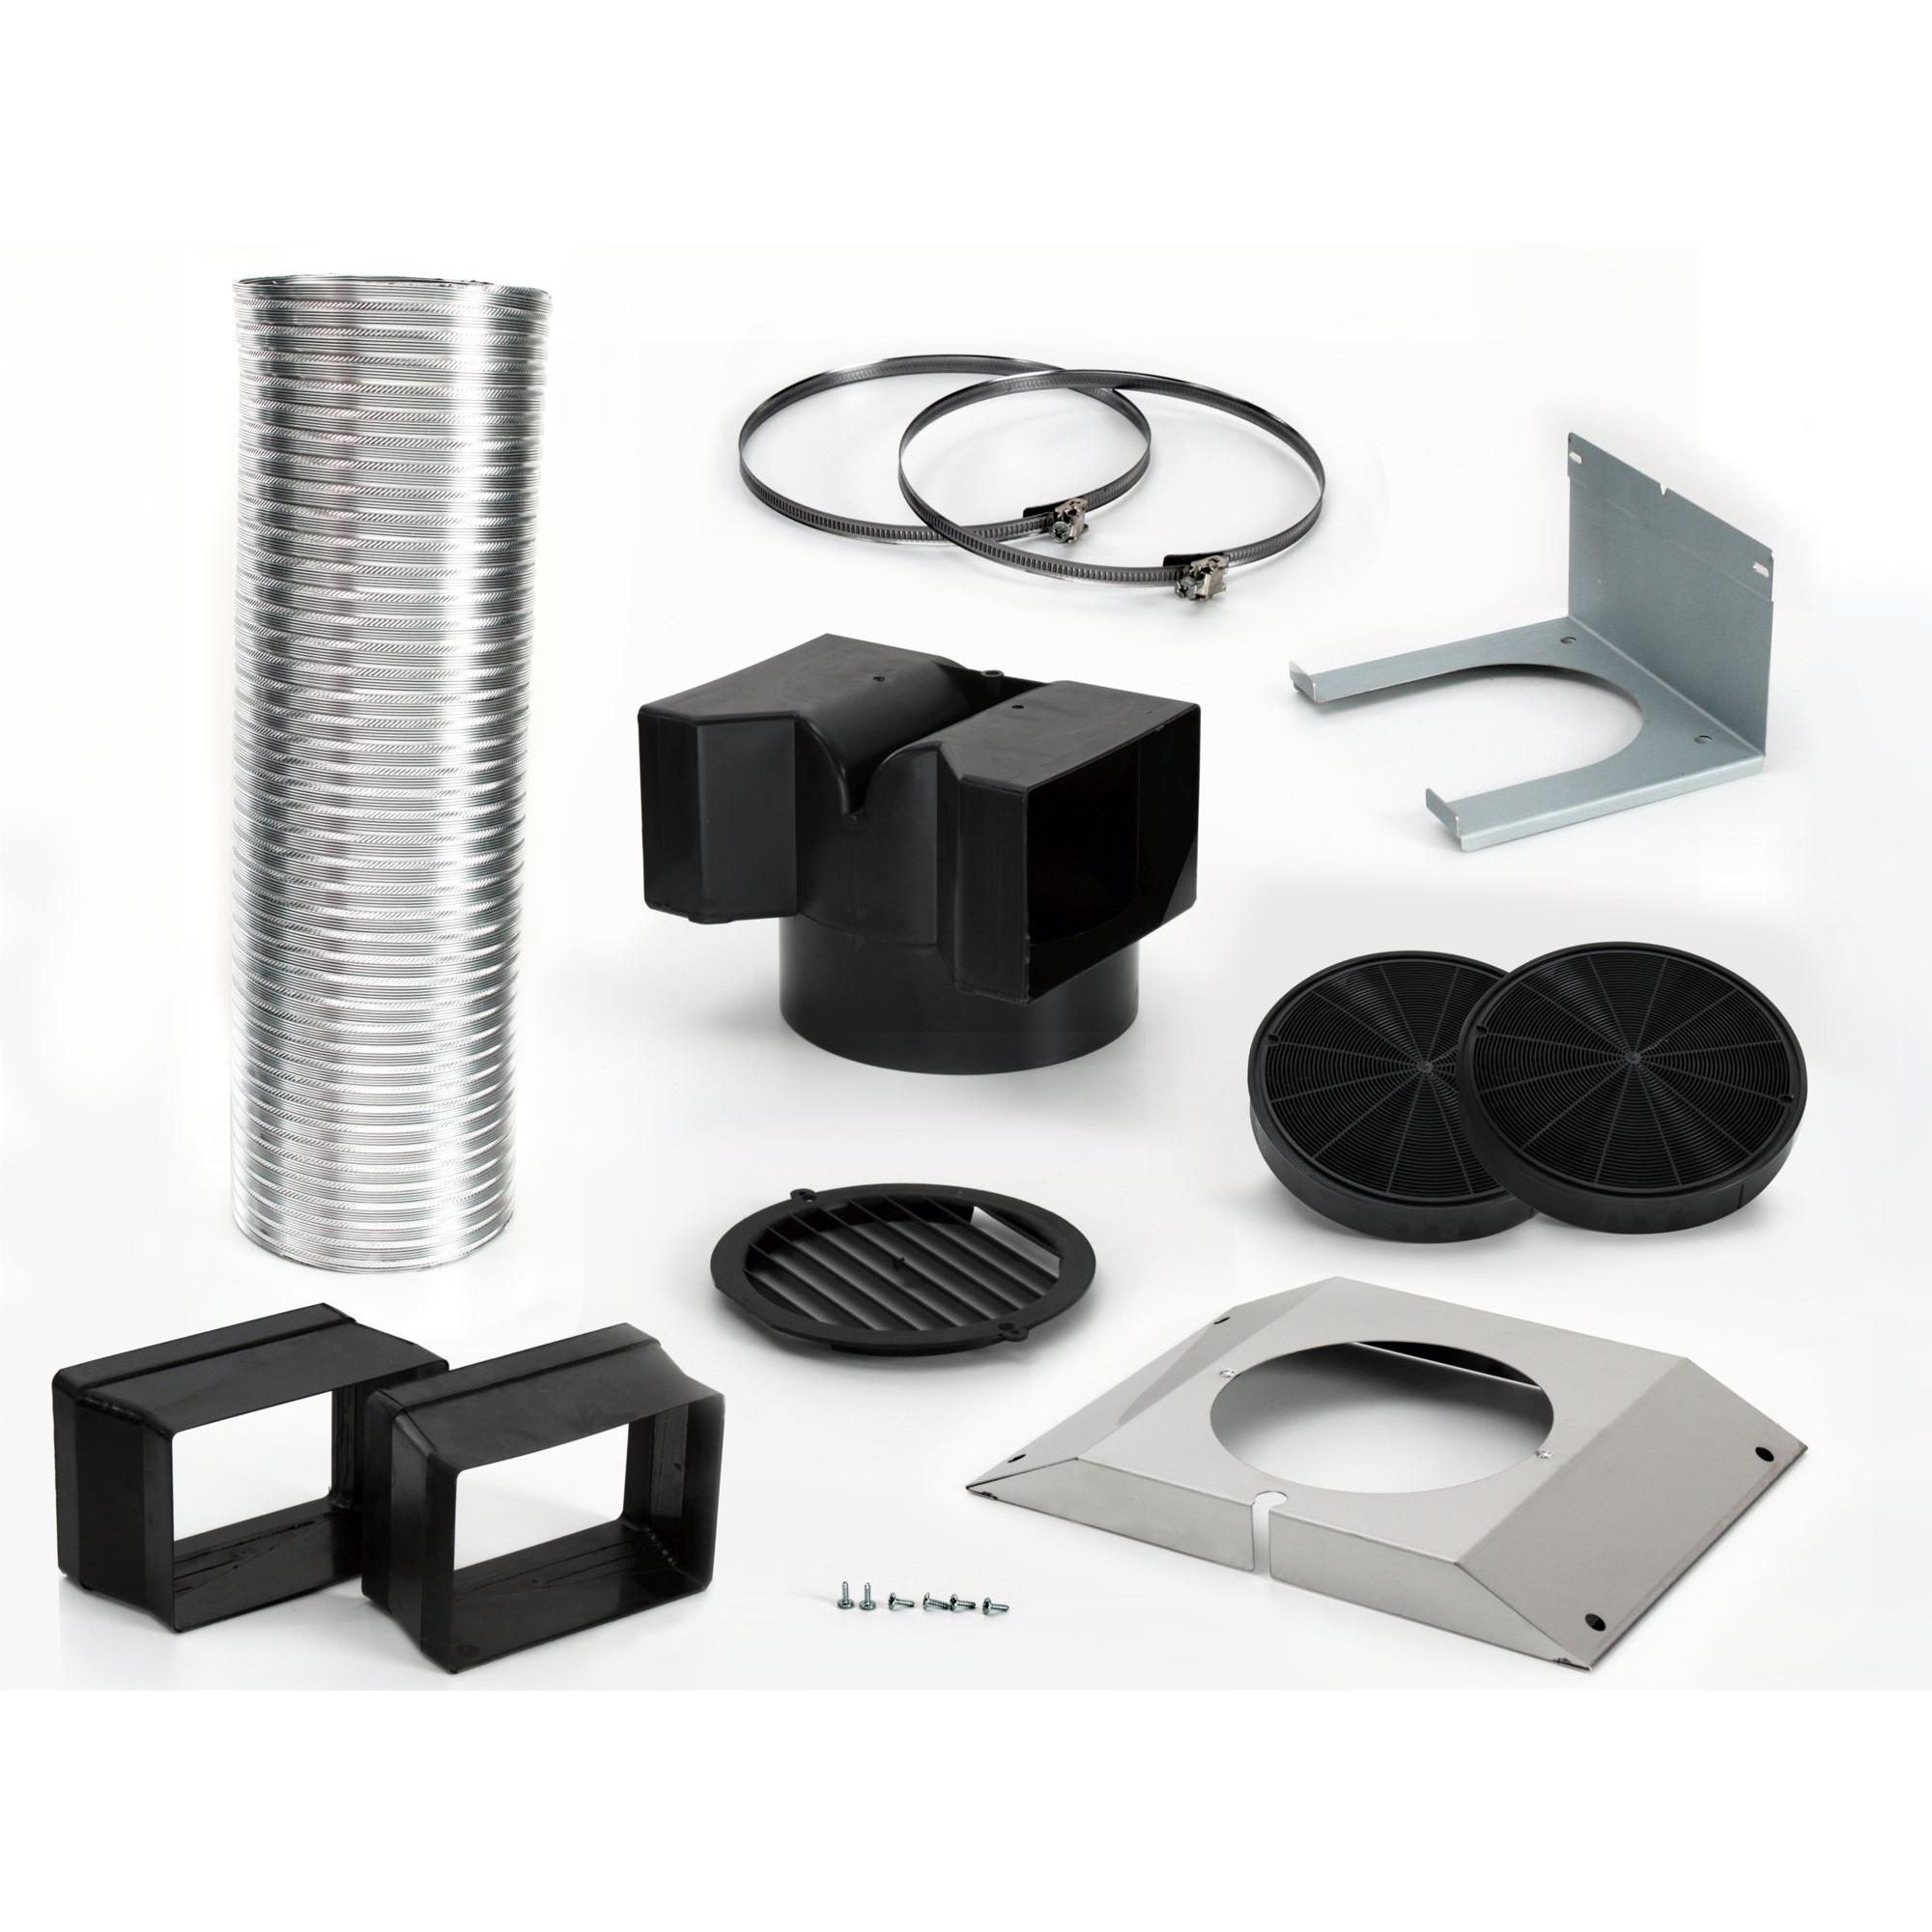 LZ55650 Kit de extractores accesorio para campana de estufa, Set de modificación